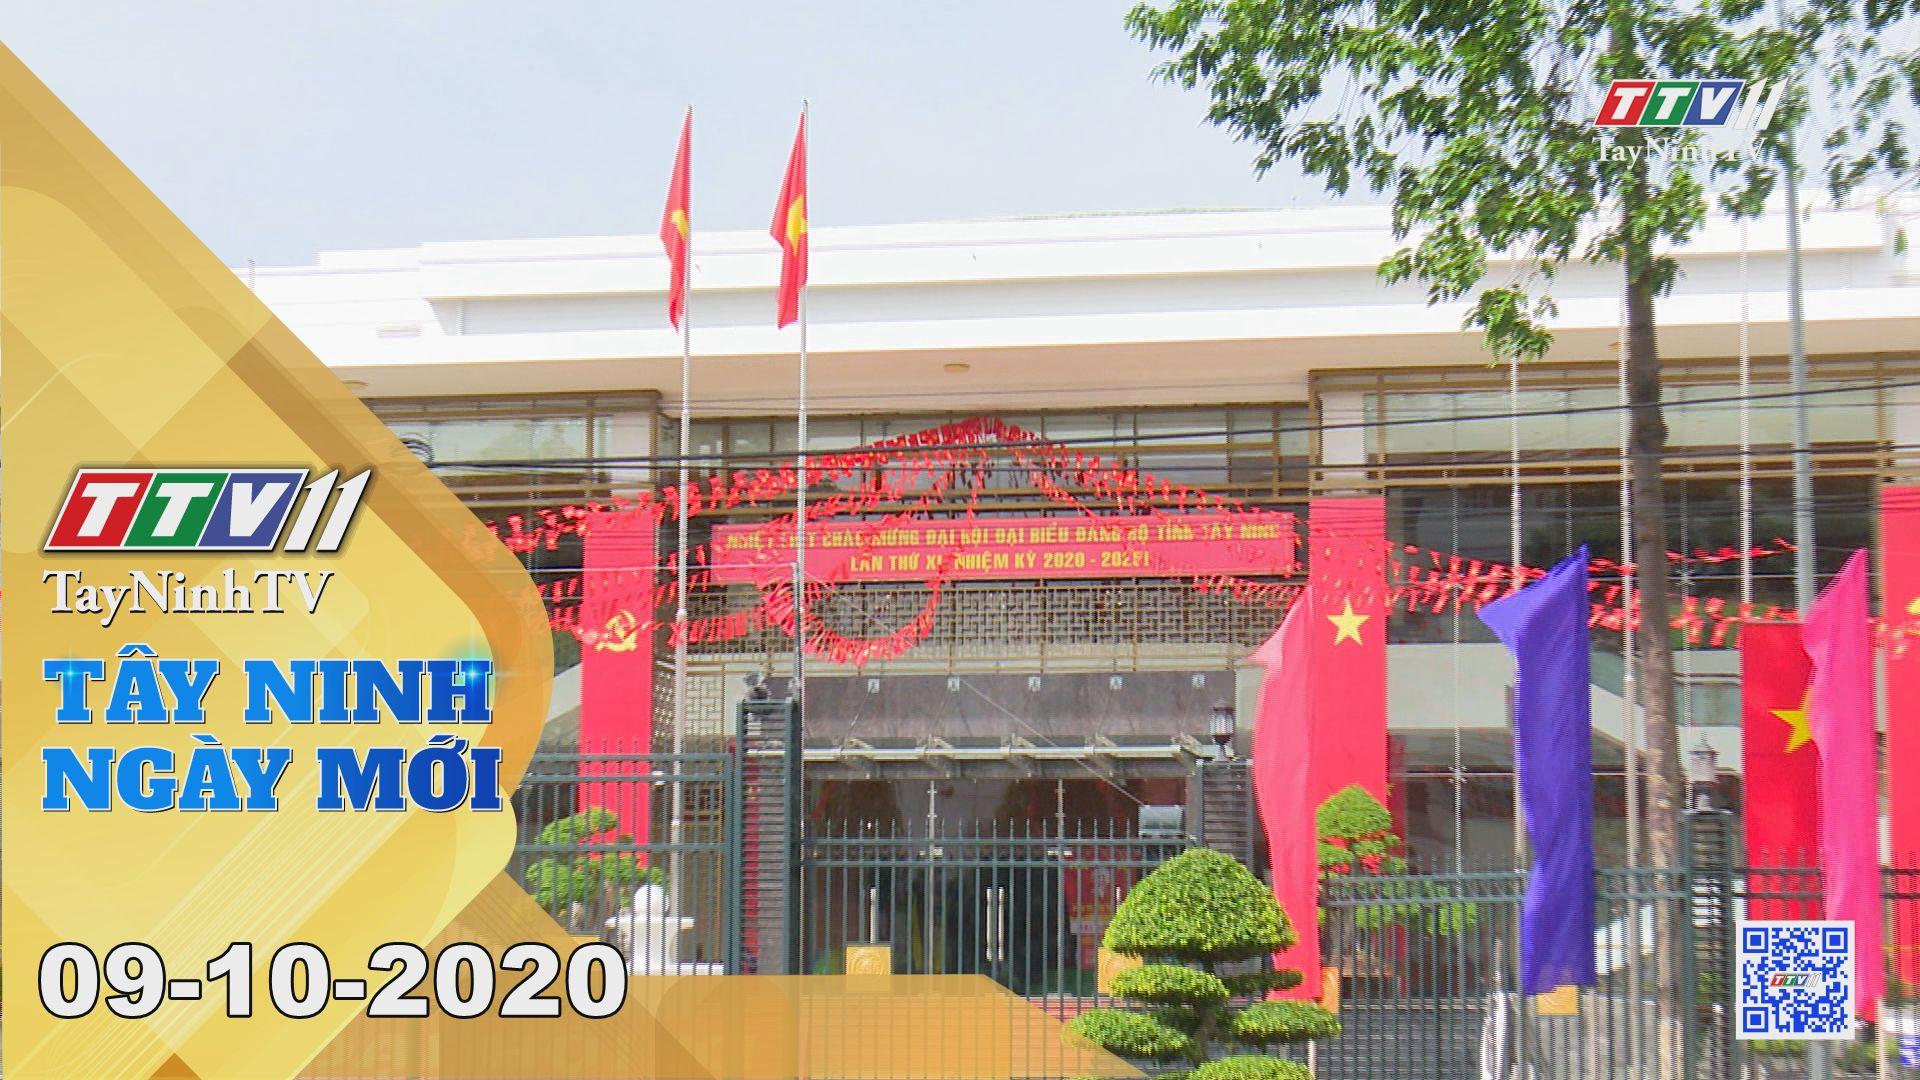 Tây Ninh Ngày Mới 09-10-2020 | Tin tức hôm nay | TayNinhTV